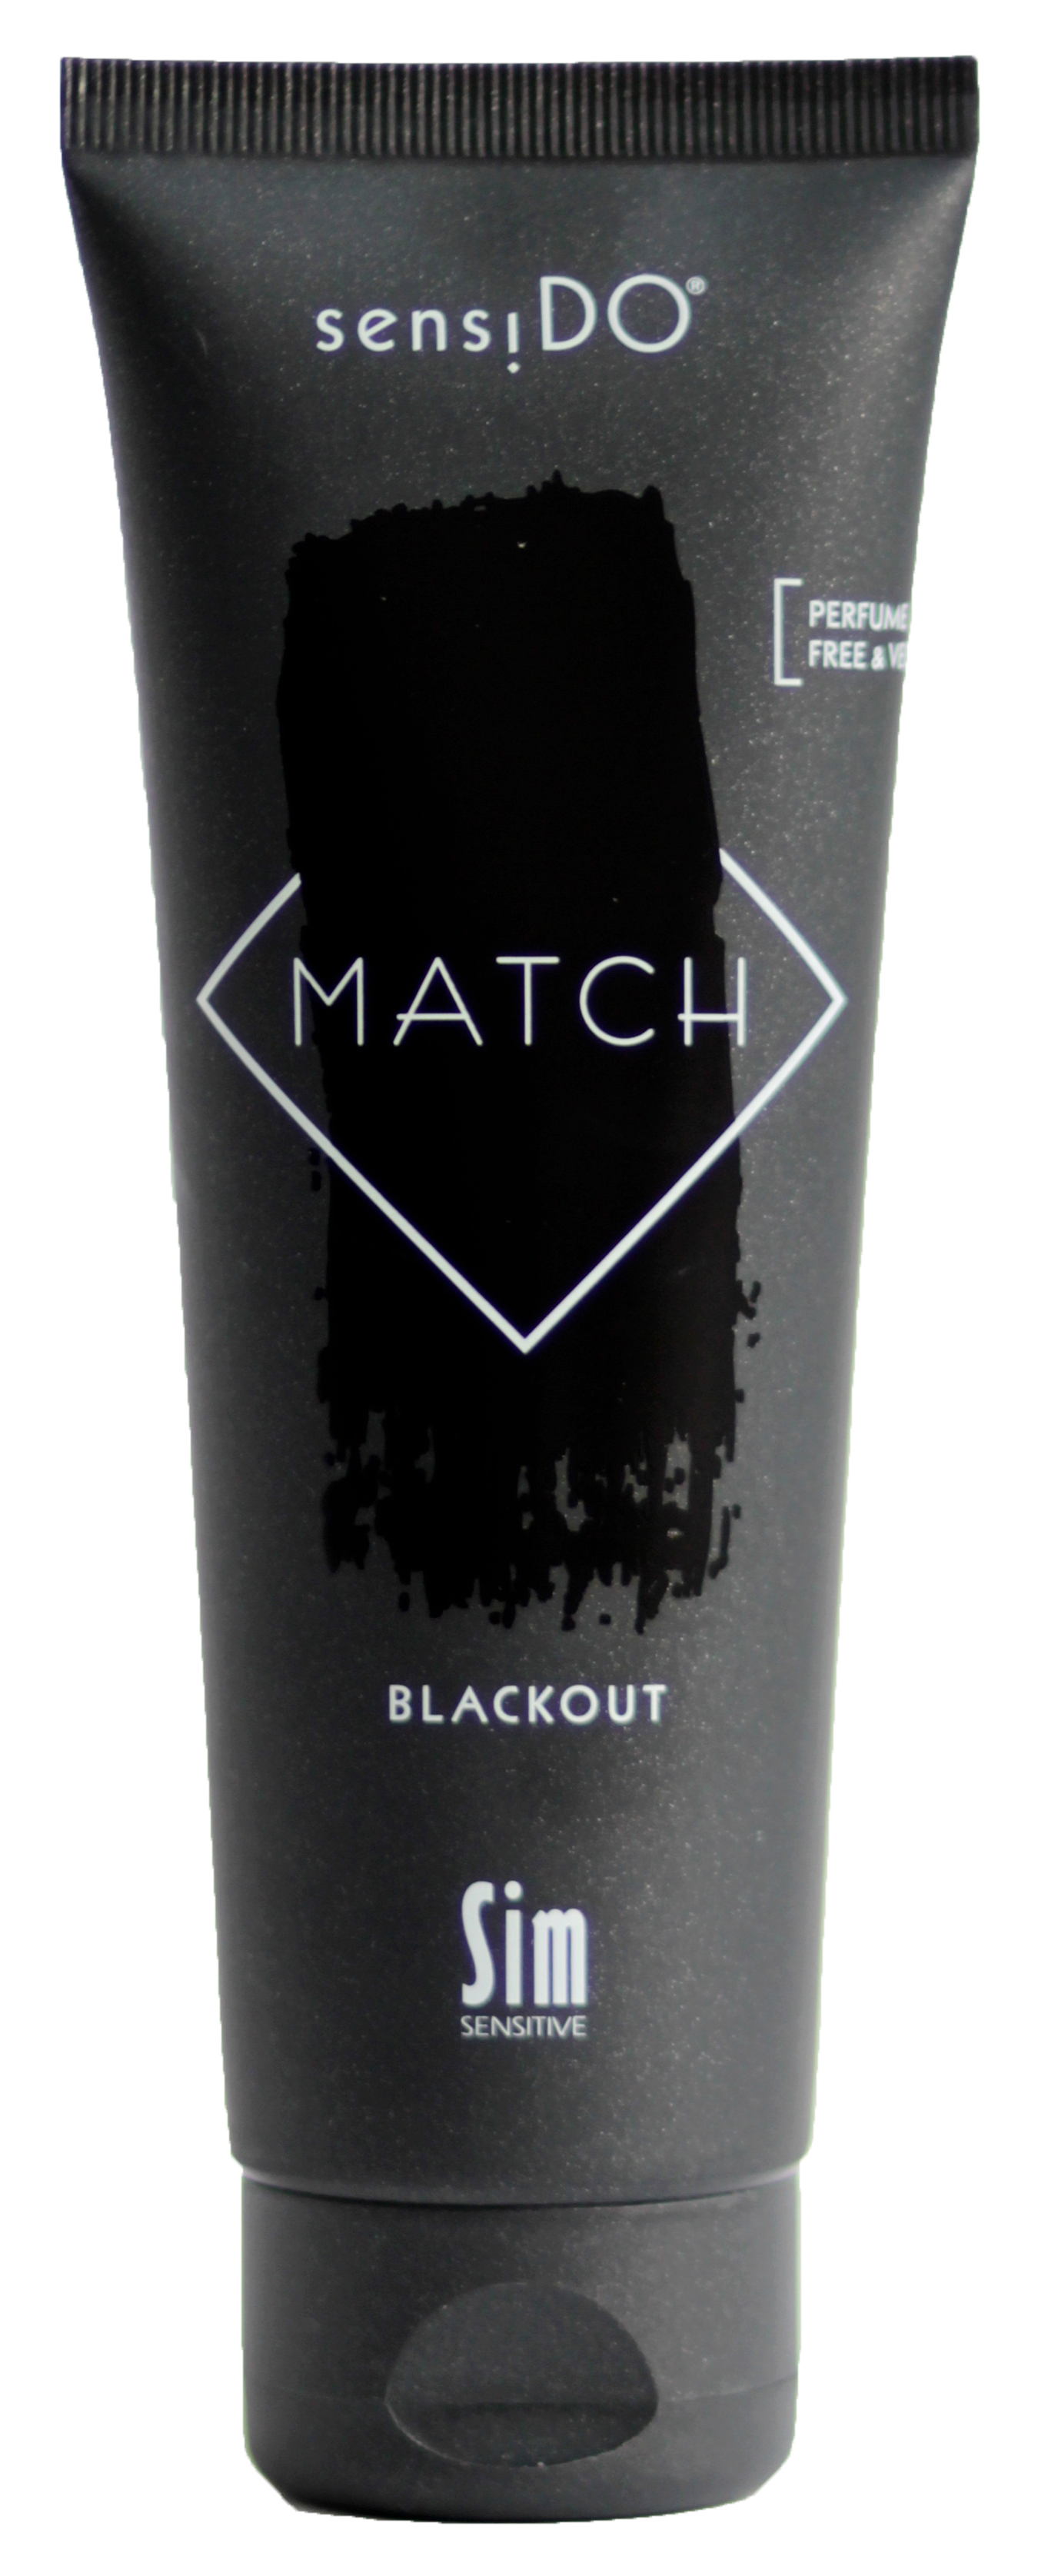 SIM SENSITIVE Краситель прямого действия, черный / SensiDO Match Blackout 125 мл